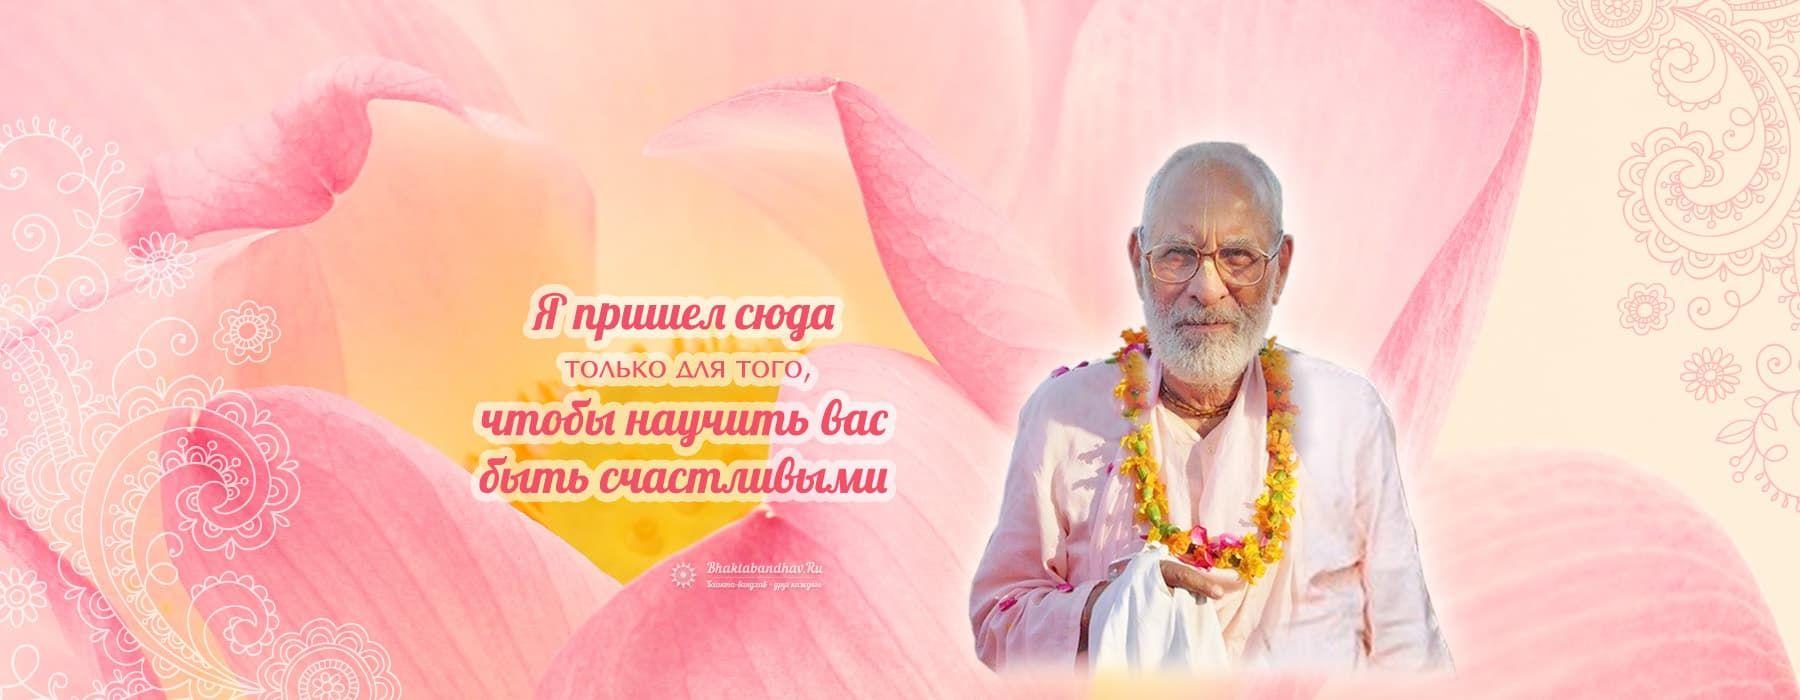 Цитата Шрилы Гурудева